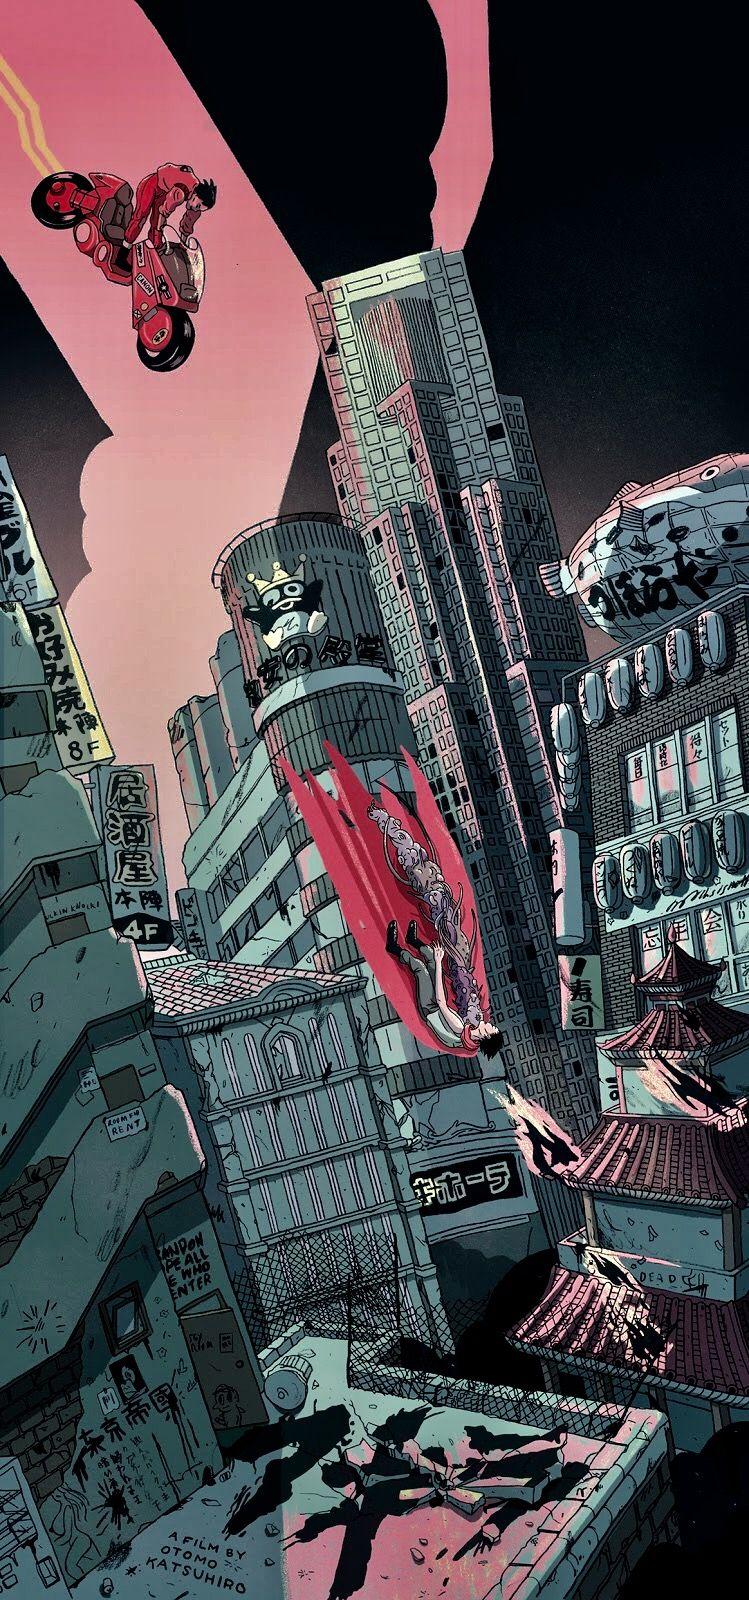 Pin By Tsuguchi On Alternative Movie Tv Show Posters Akira Poster Akira Anime Akira